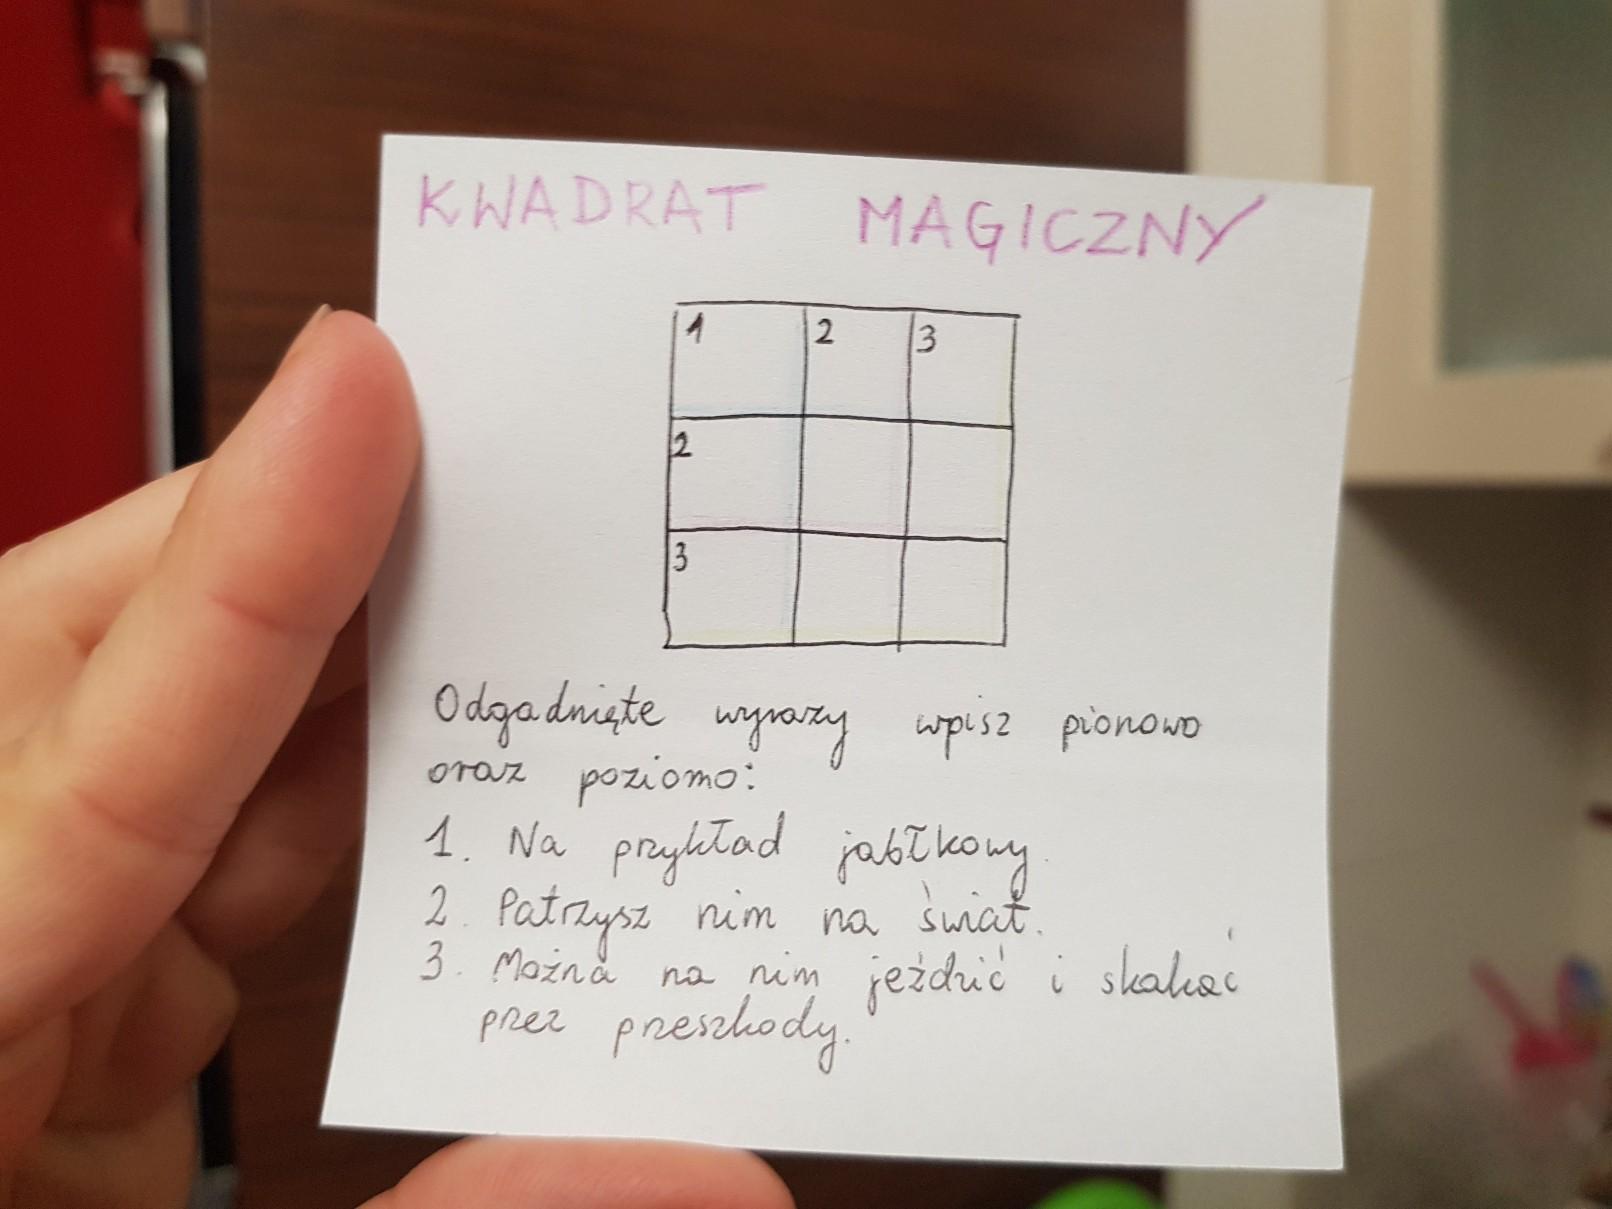 lunchbox art magic square crossword puzzle